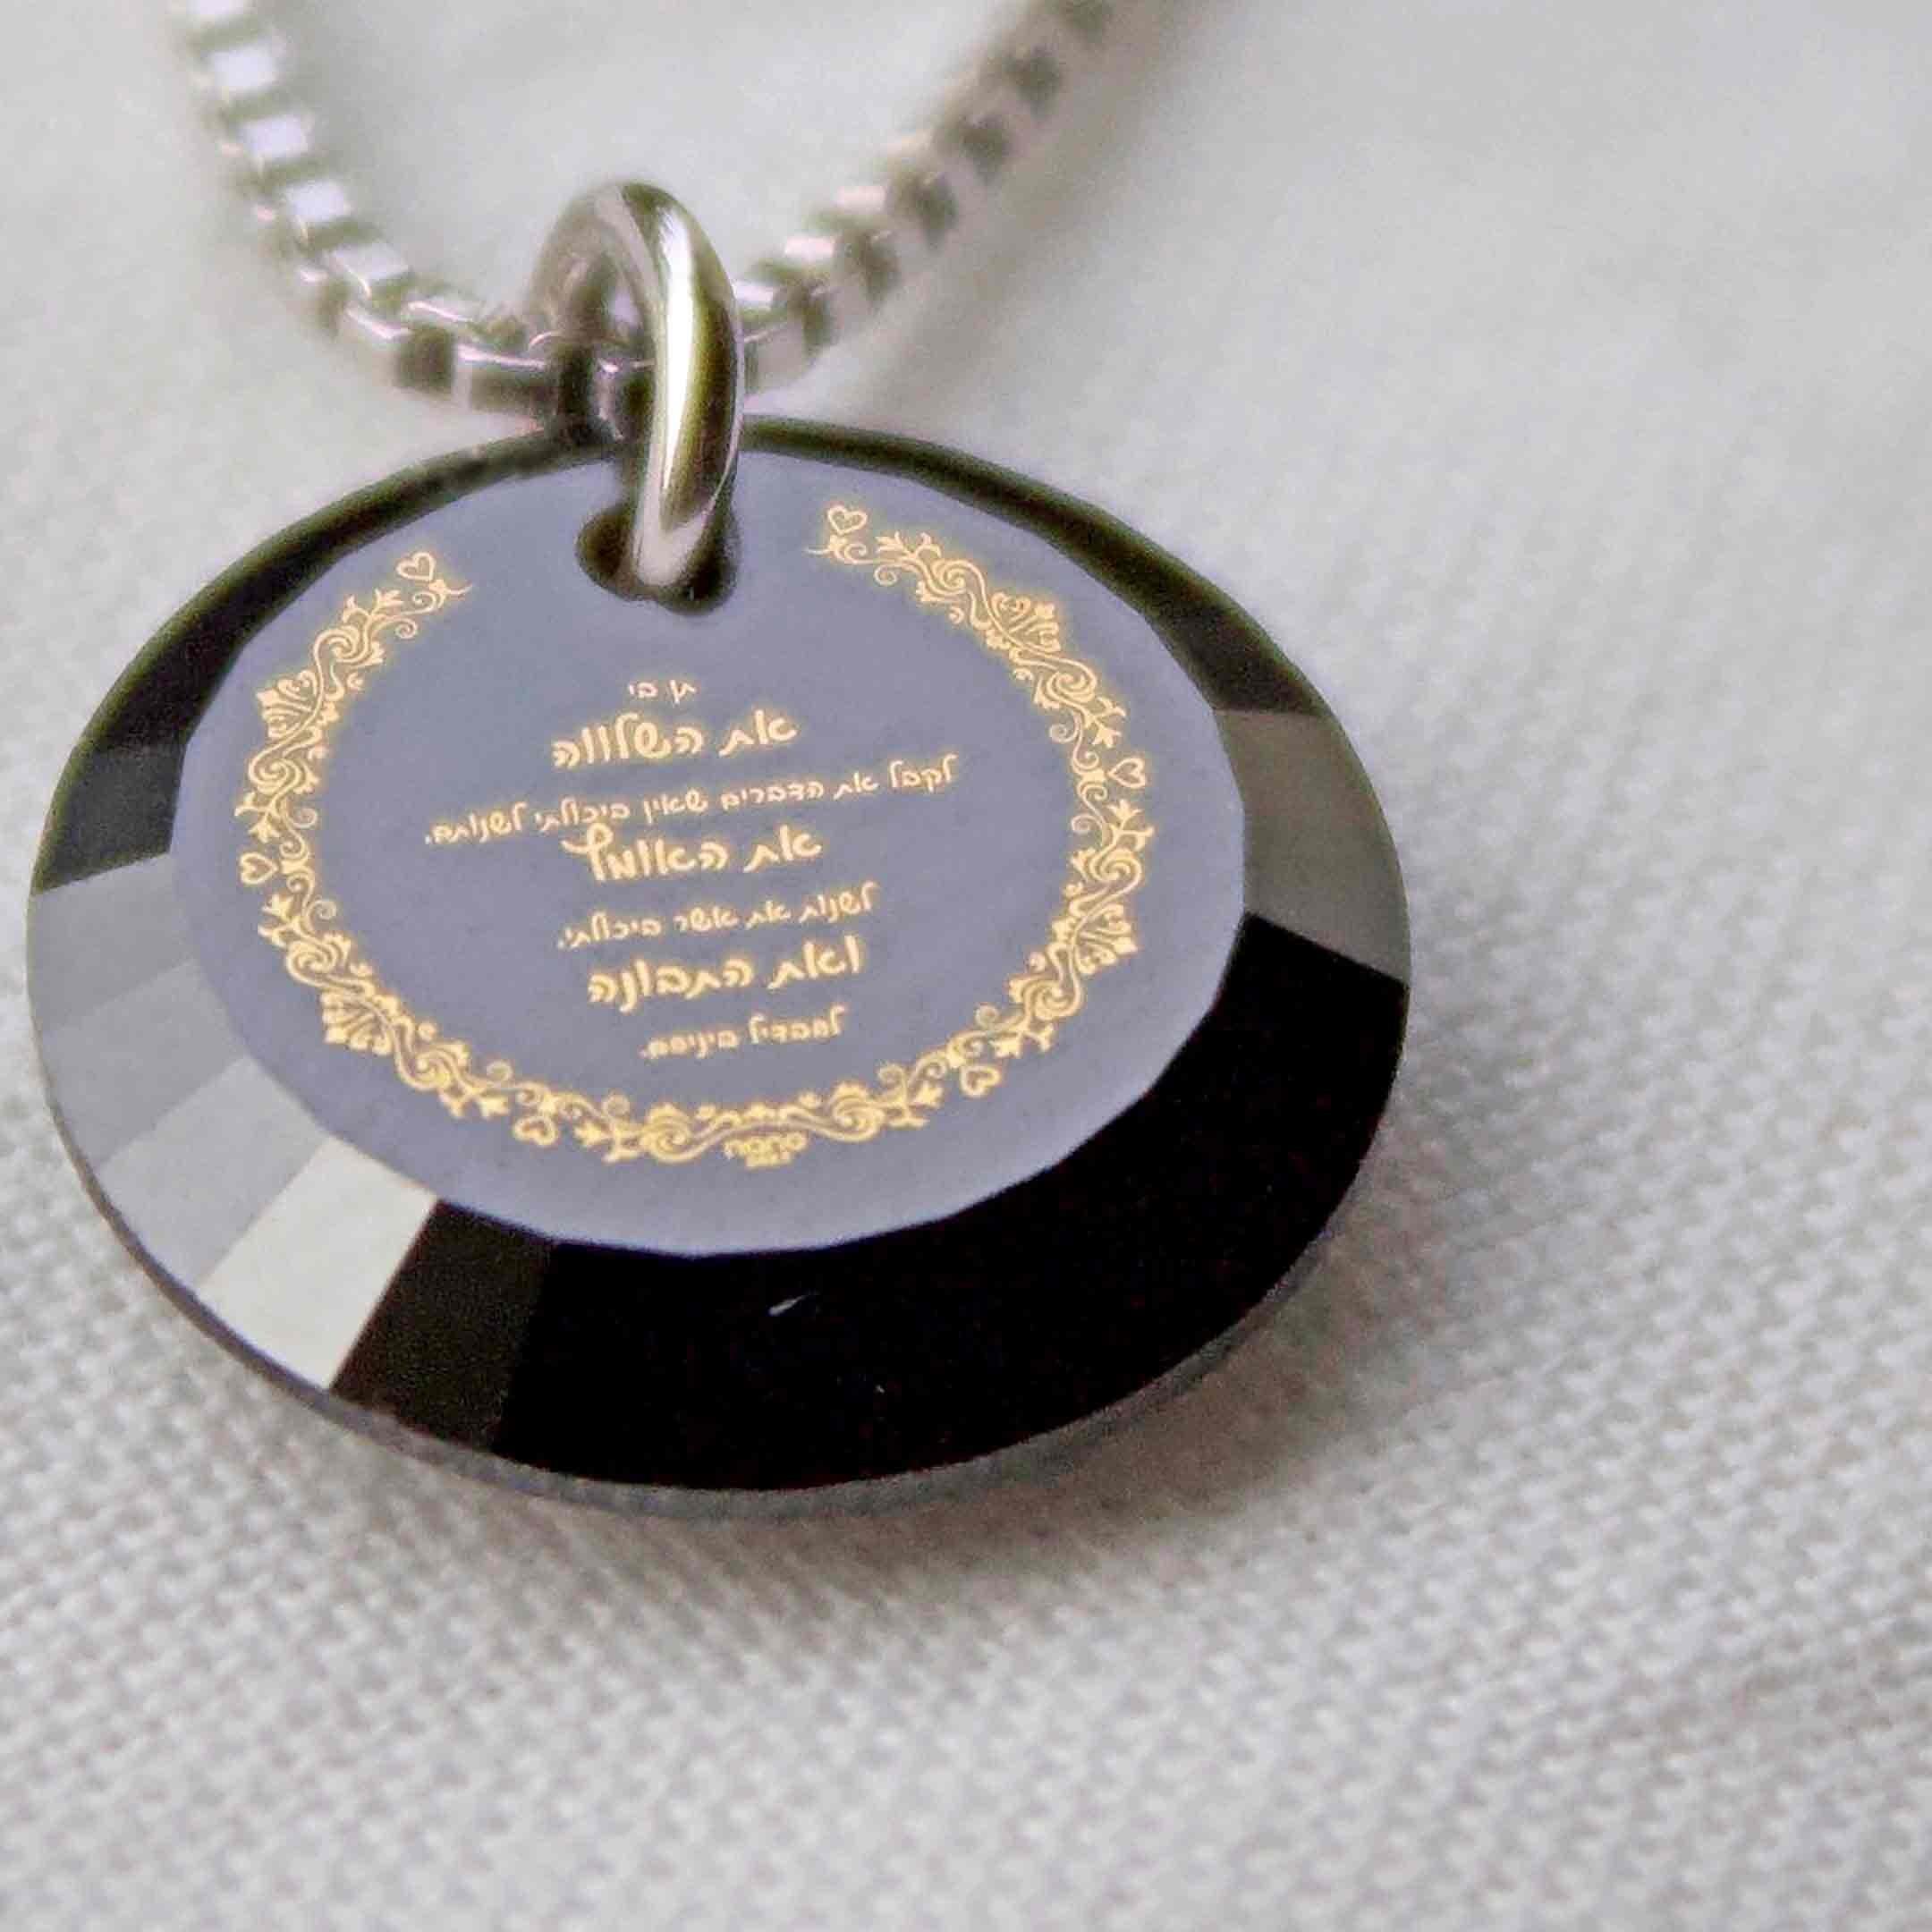 תפילת השלווה המלאה-רעיונות למתנות מקוריות -תכשיטים עם משמעות – ננו ג'ולריתפילת השלווה המלאה-רעיונות למתנות מקוריות -תכשיטים עם משמעות – ננו ג'ולרי